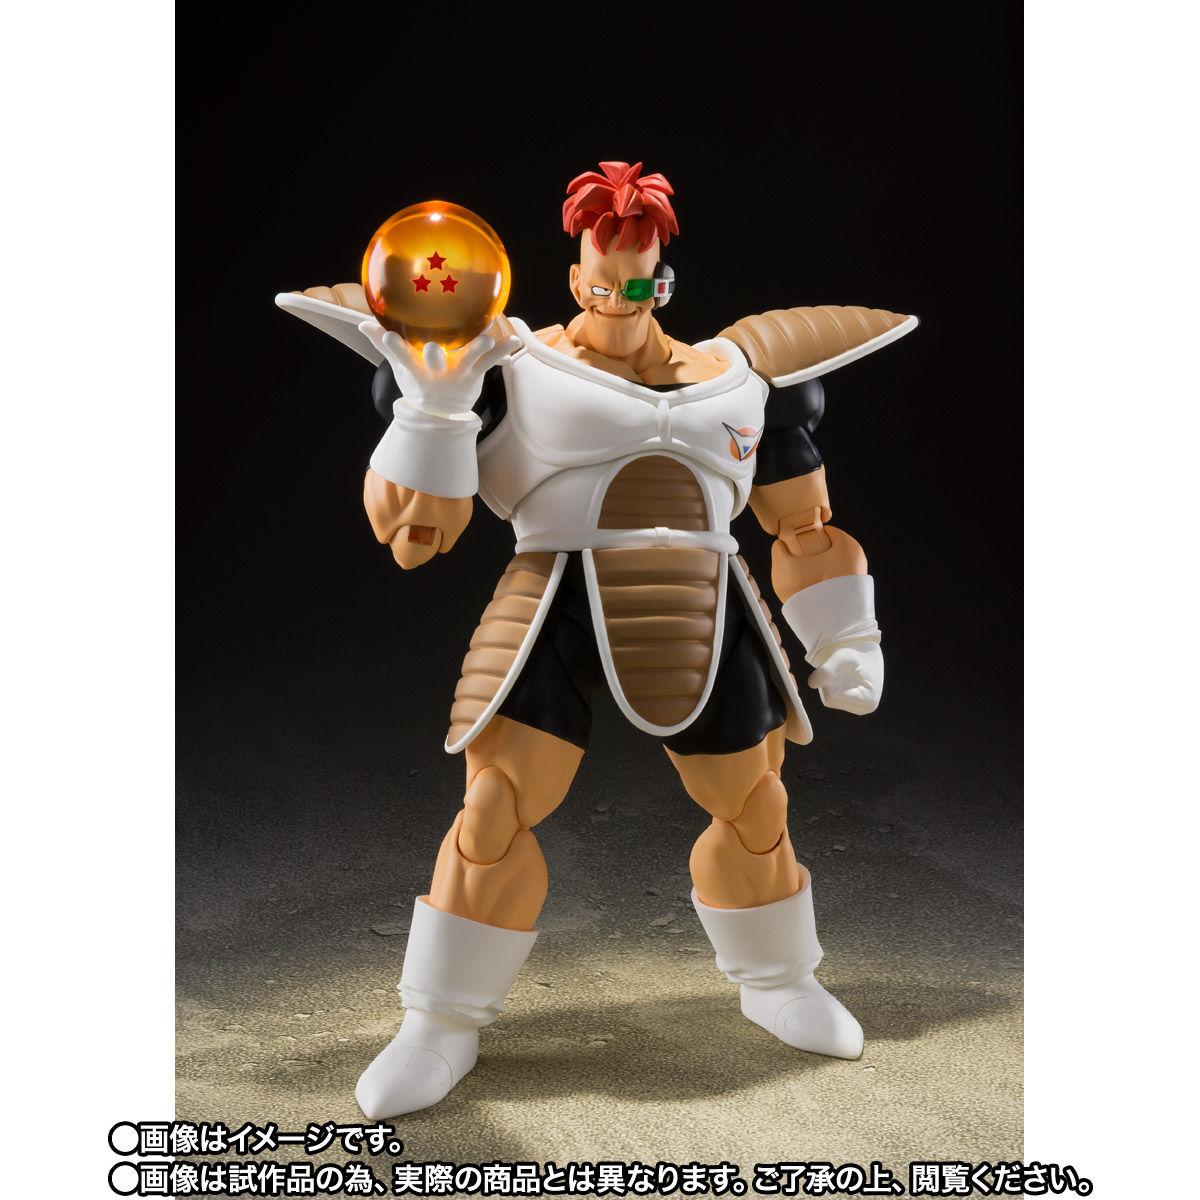 【限定販売】S.H.Figuarts『リクーム』ドラゴンボールZ 可動フィギュア-003